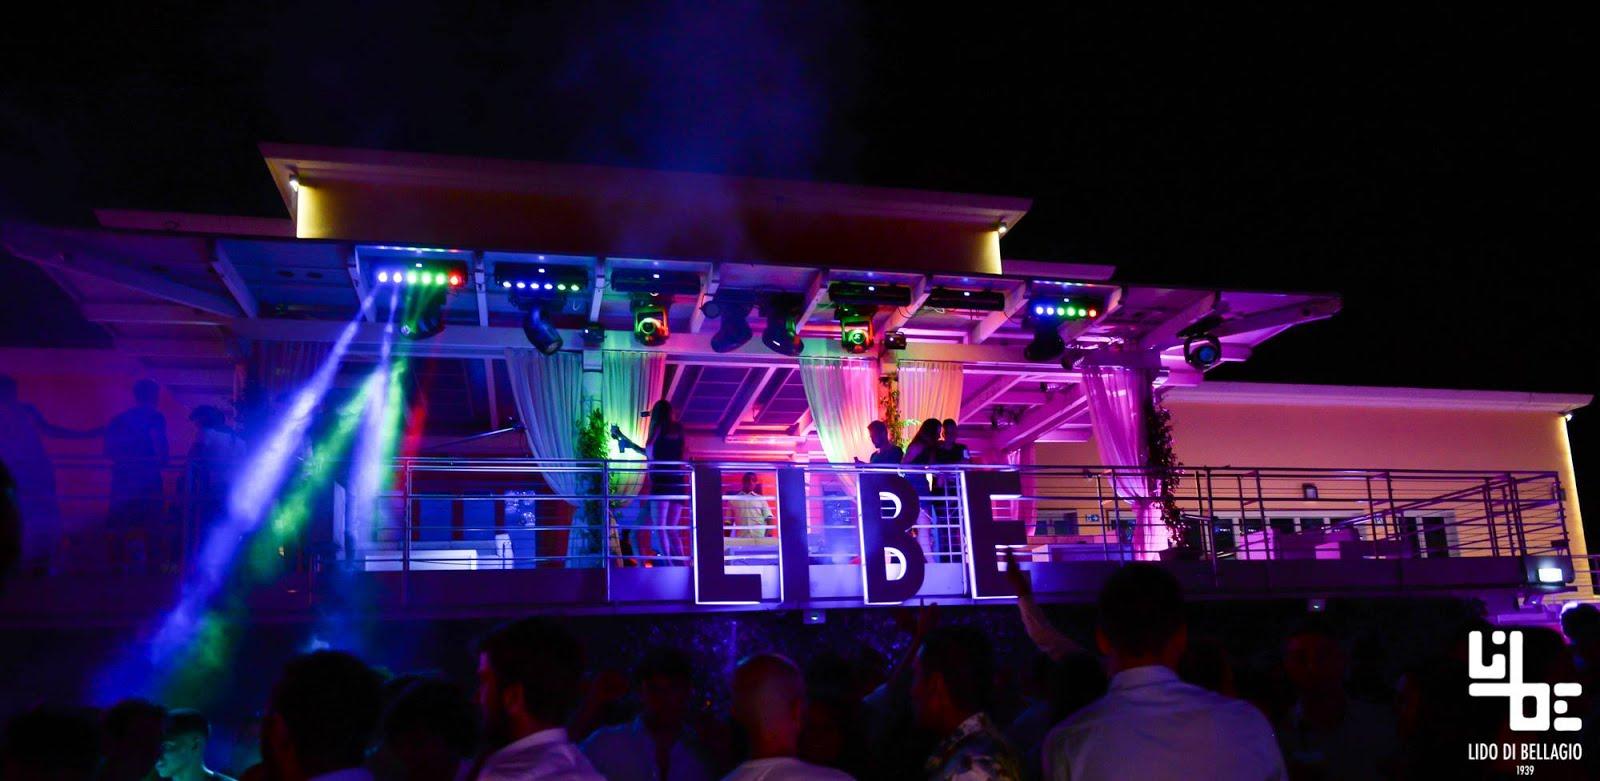 Lido di Bellagio (CO): 13/7 Luca Onestini, 14/7 Ibiza F✰✰King Show, 15/7 Finale Regionale - Miss Cinema Lombardia (Miss Italia), 20/7 Vida Loca